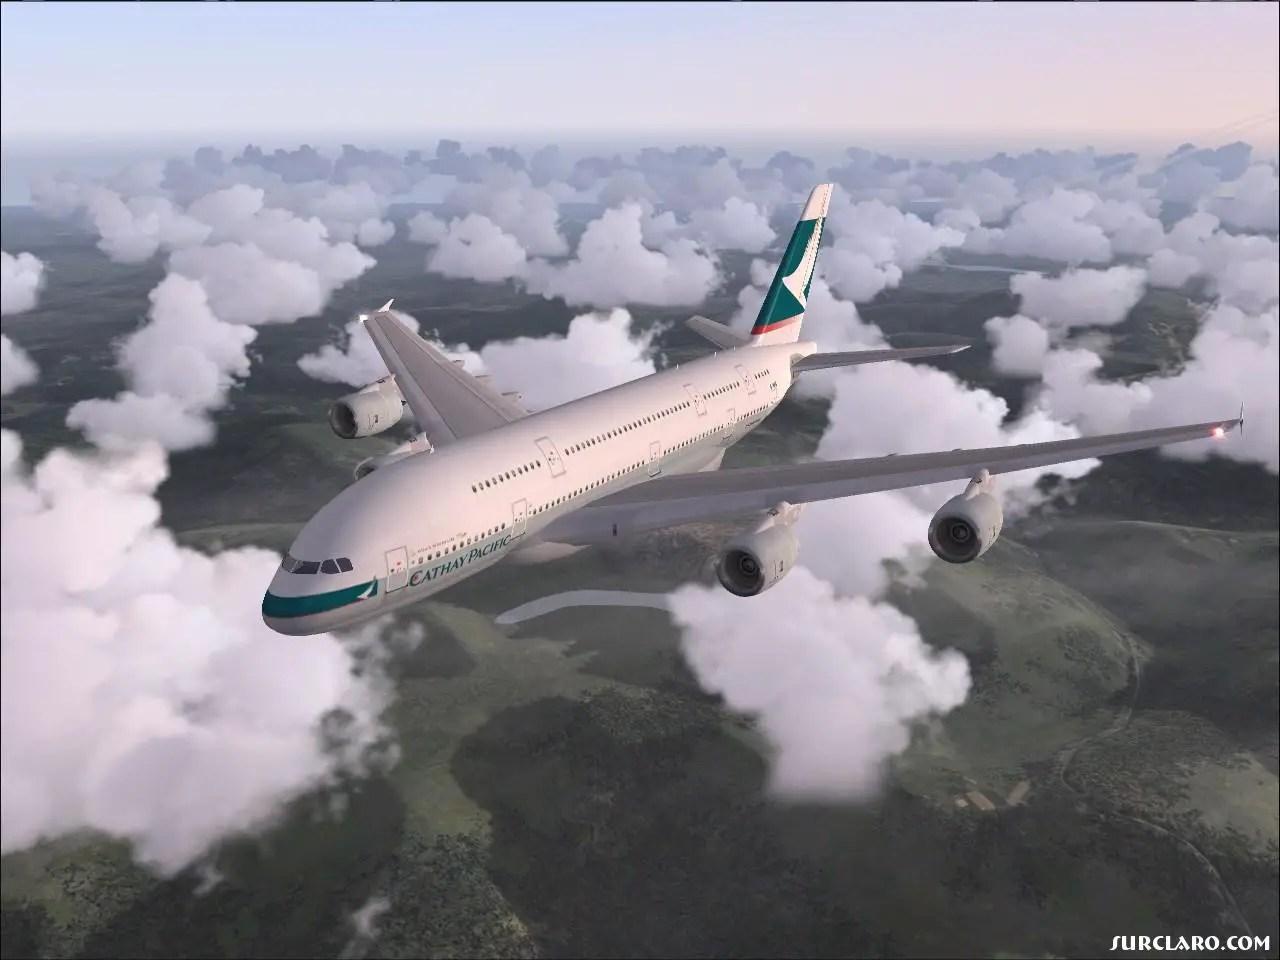 FS2004 Cathay Pacific A380800 8099 SurClaro Photos